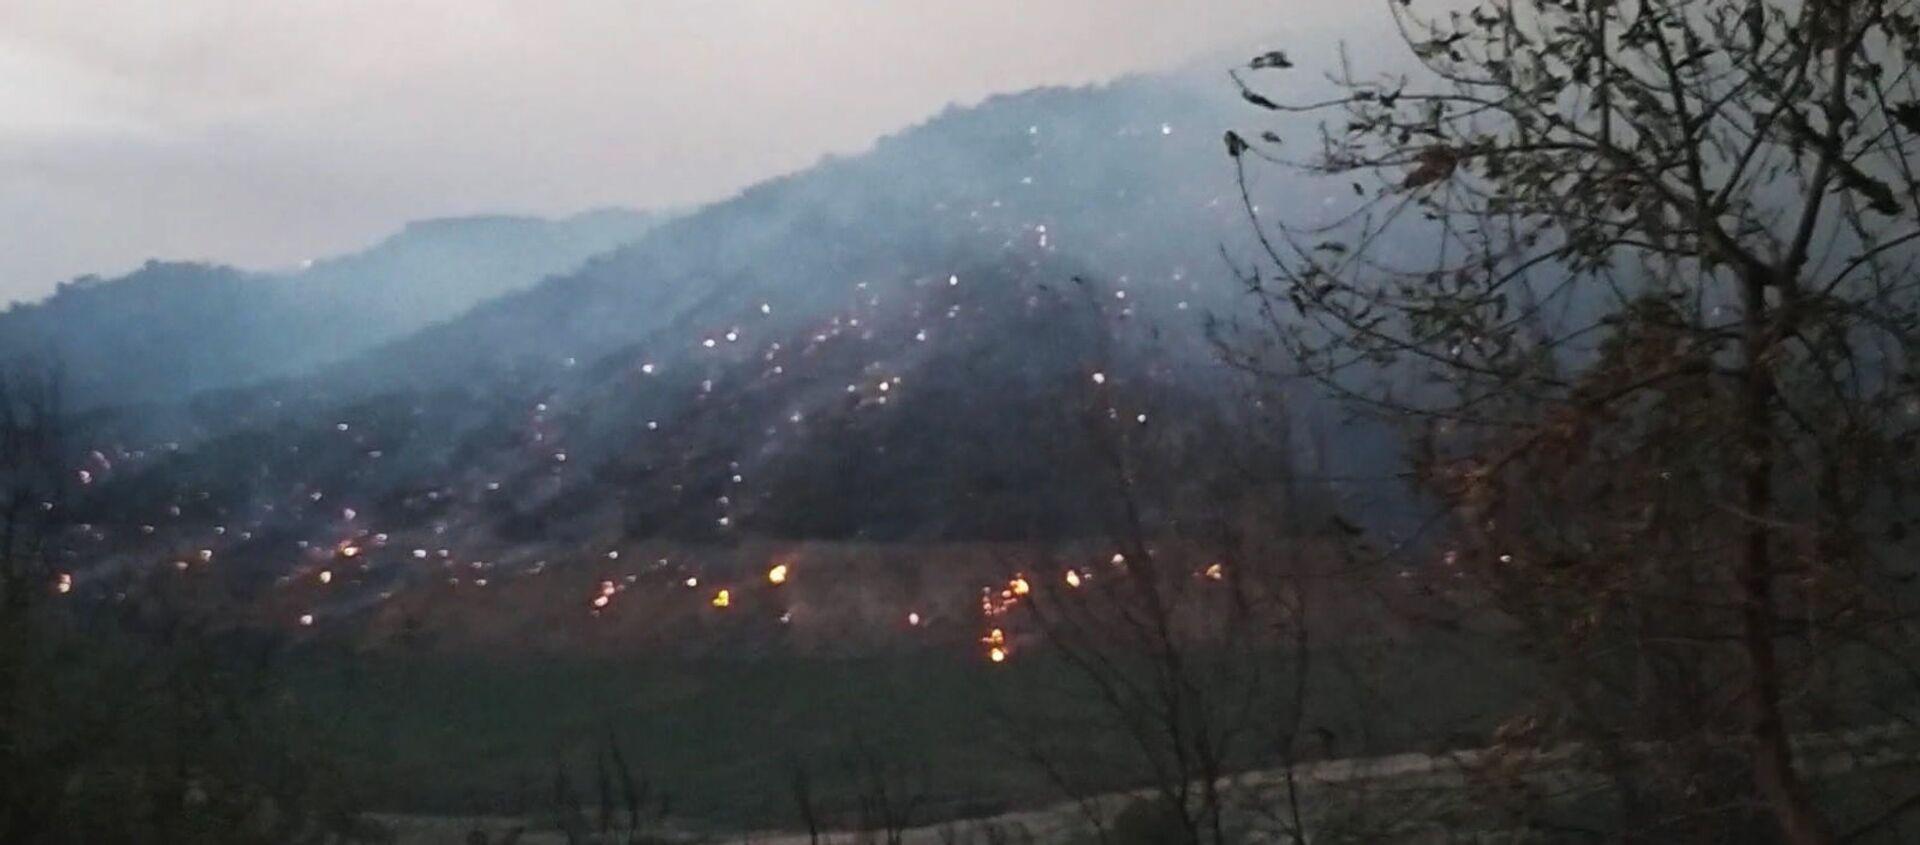 Tizi Ouzou, la forêt brûle sur les flancs du barrage de Taksebt - Sputnik France, 1920, 11.08.2021